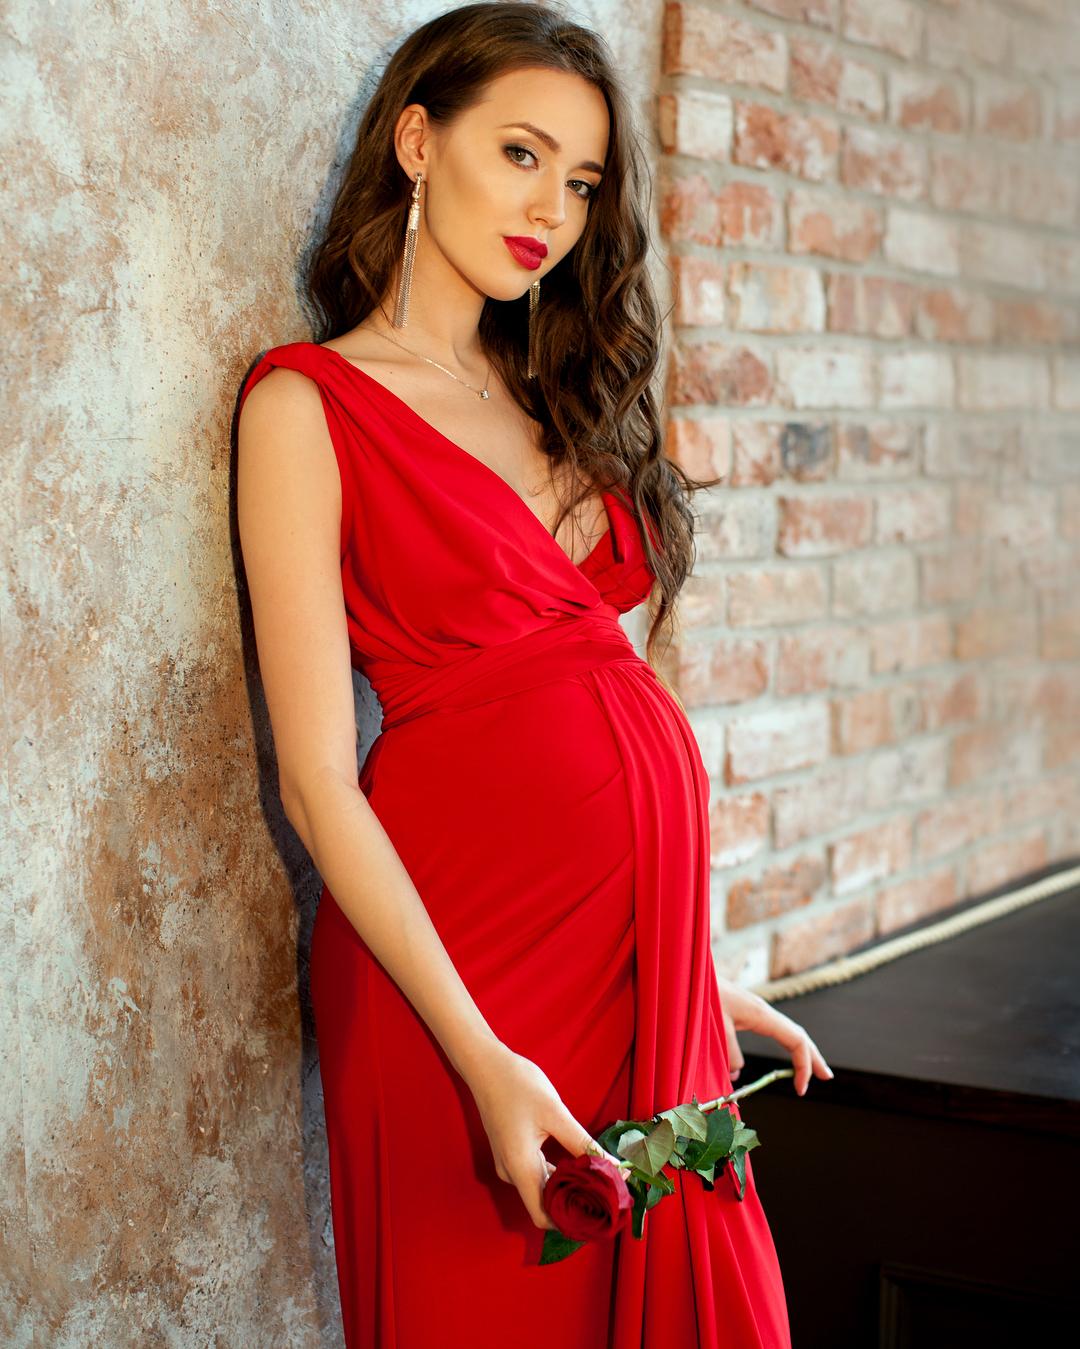 Кто из звездных женщин станет или стали мамами в 2020